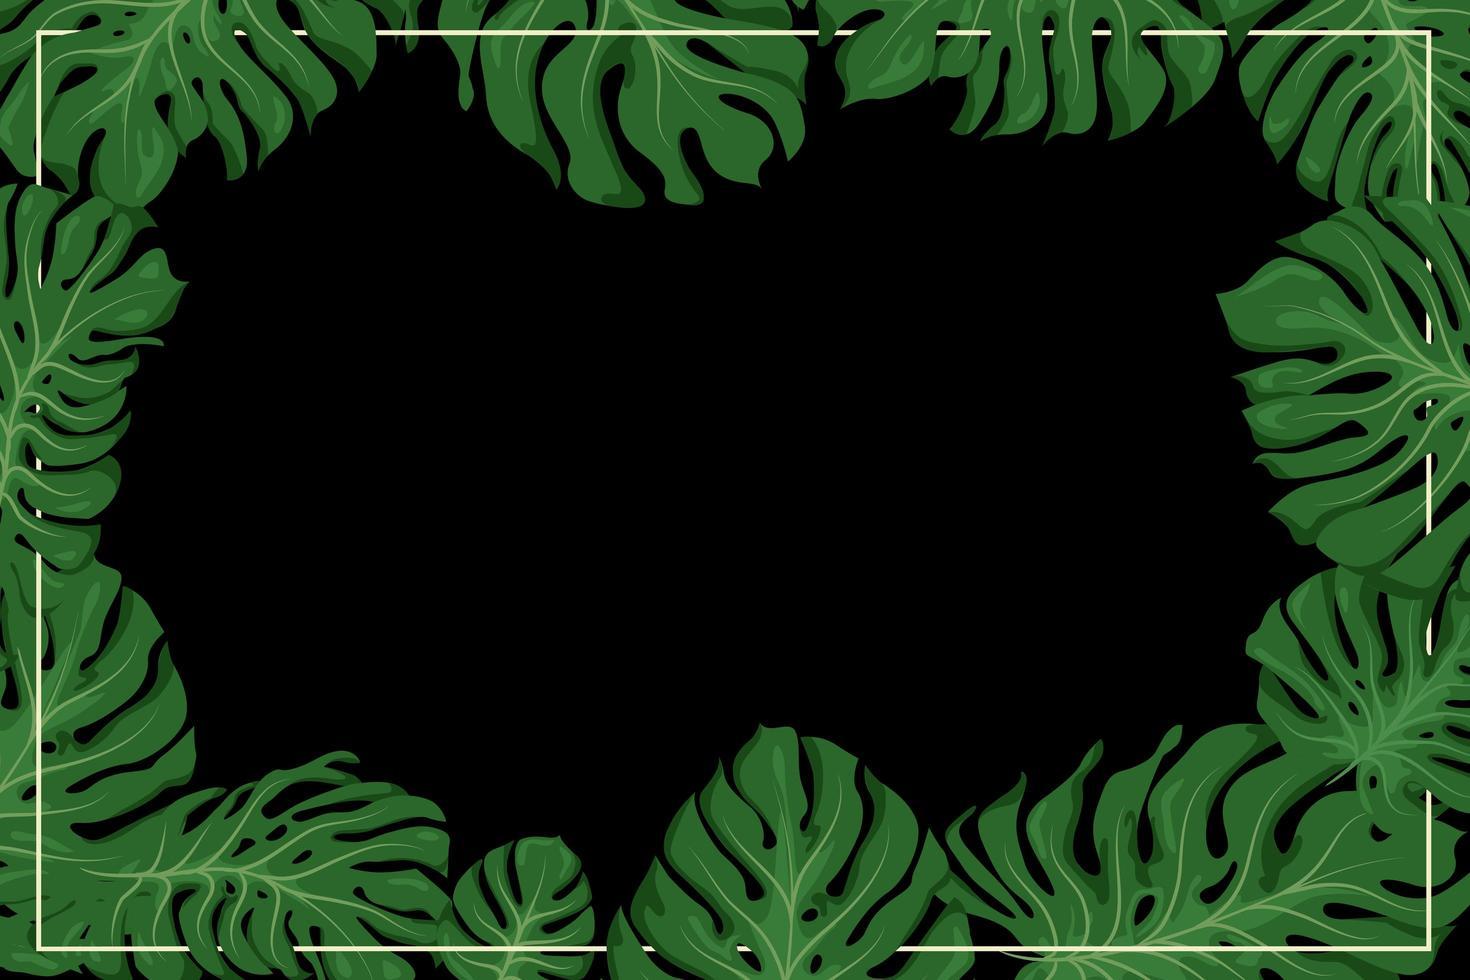 cadre de monstera pour fond d'écran ou fond vecteur